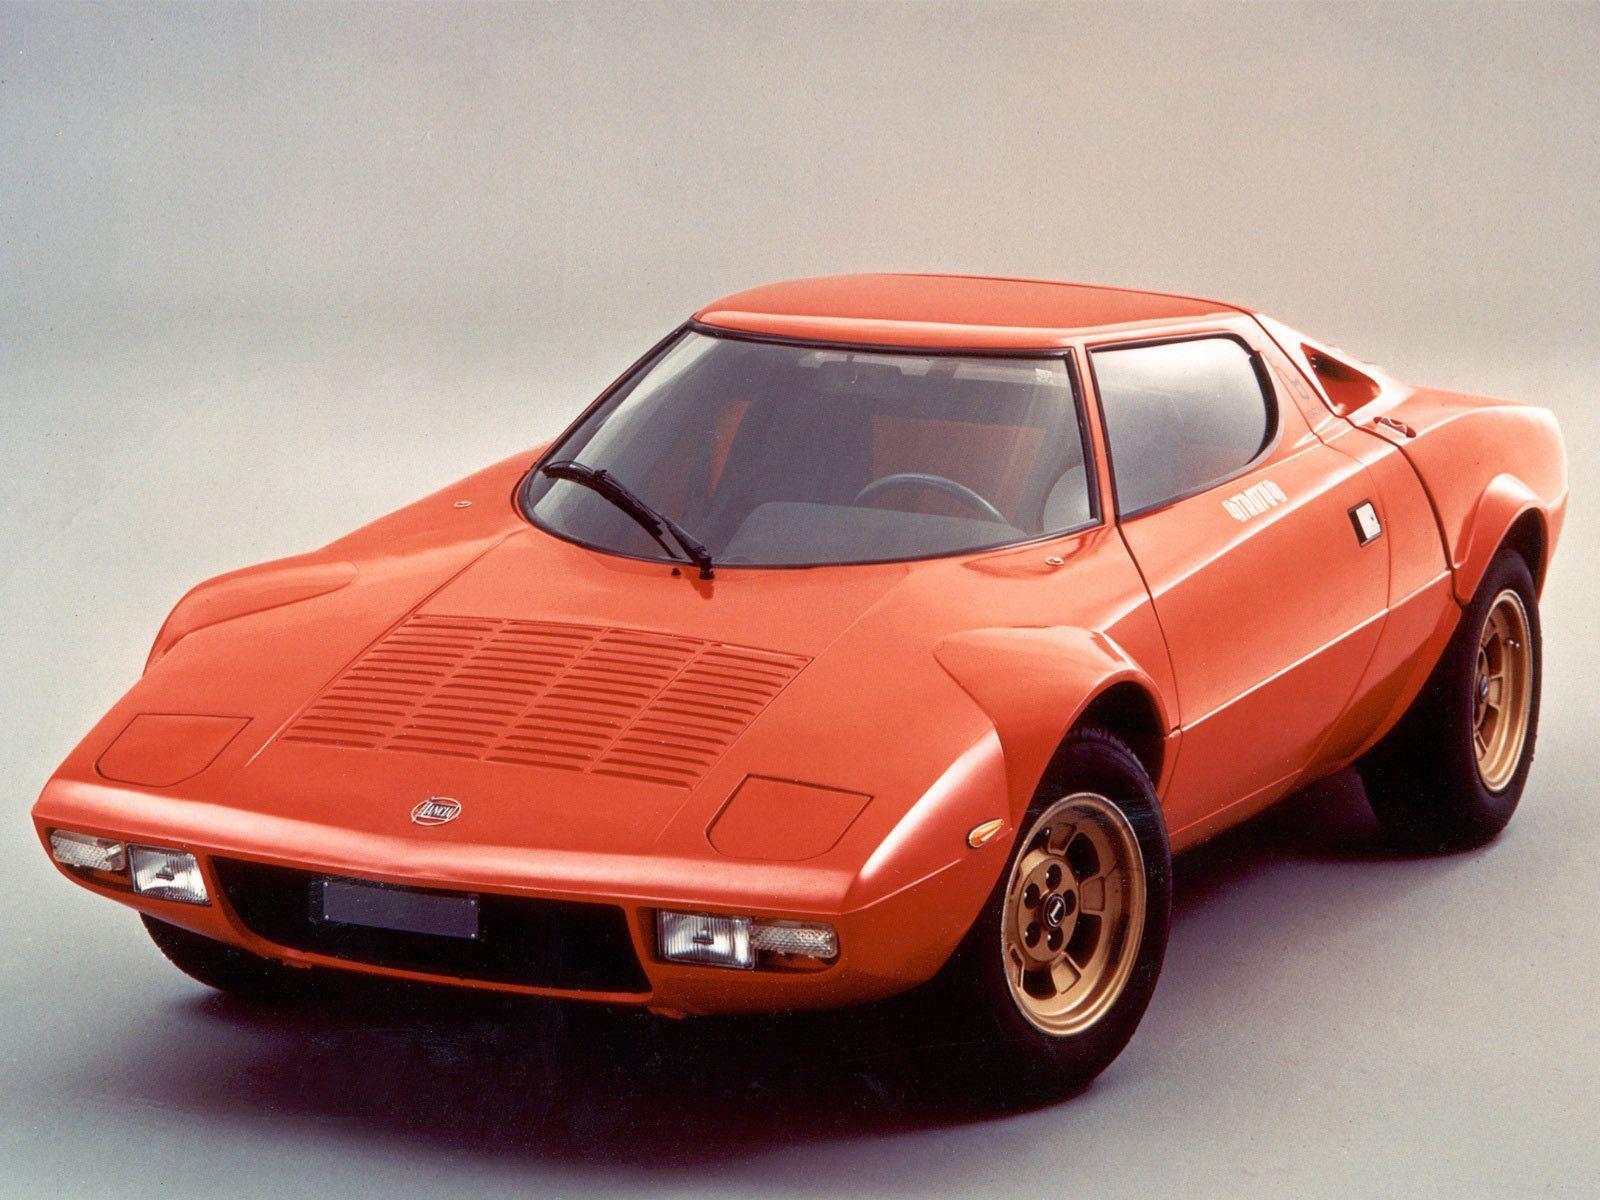 Lancia Stratos (1976)